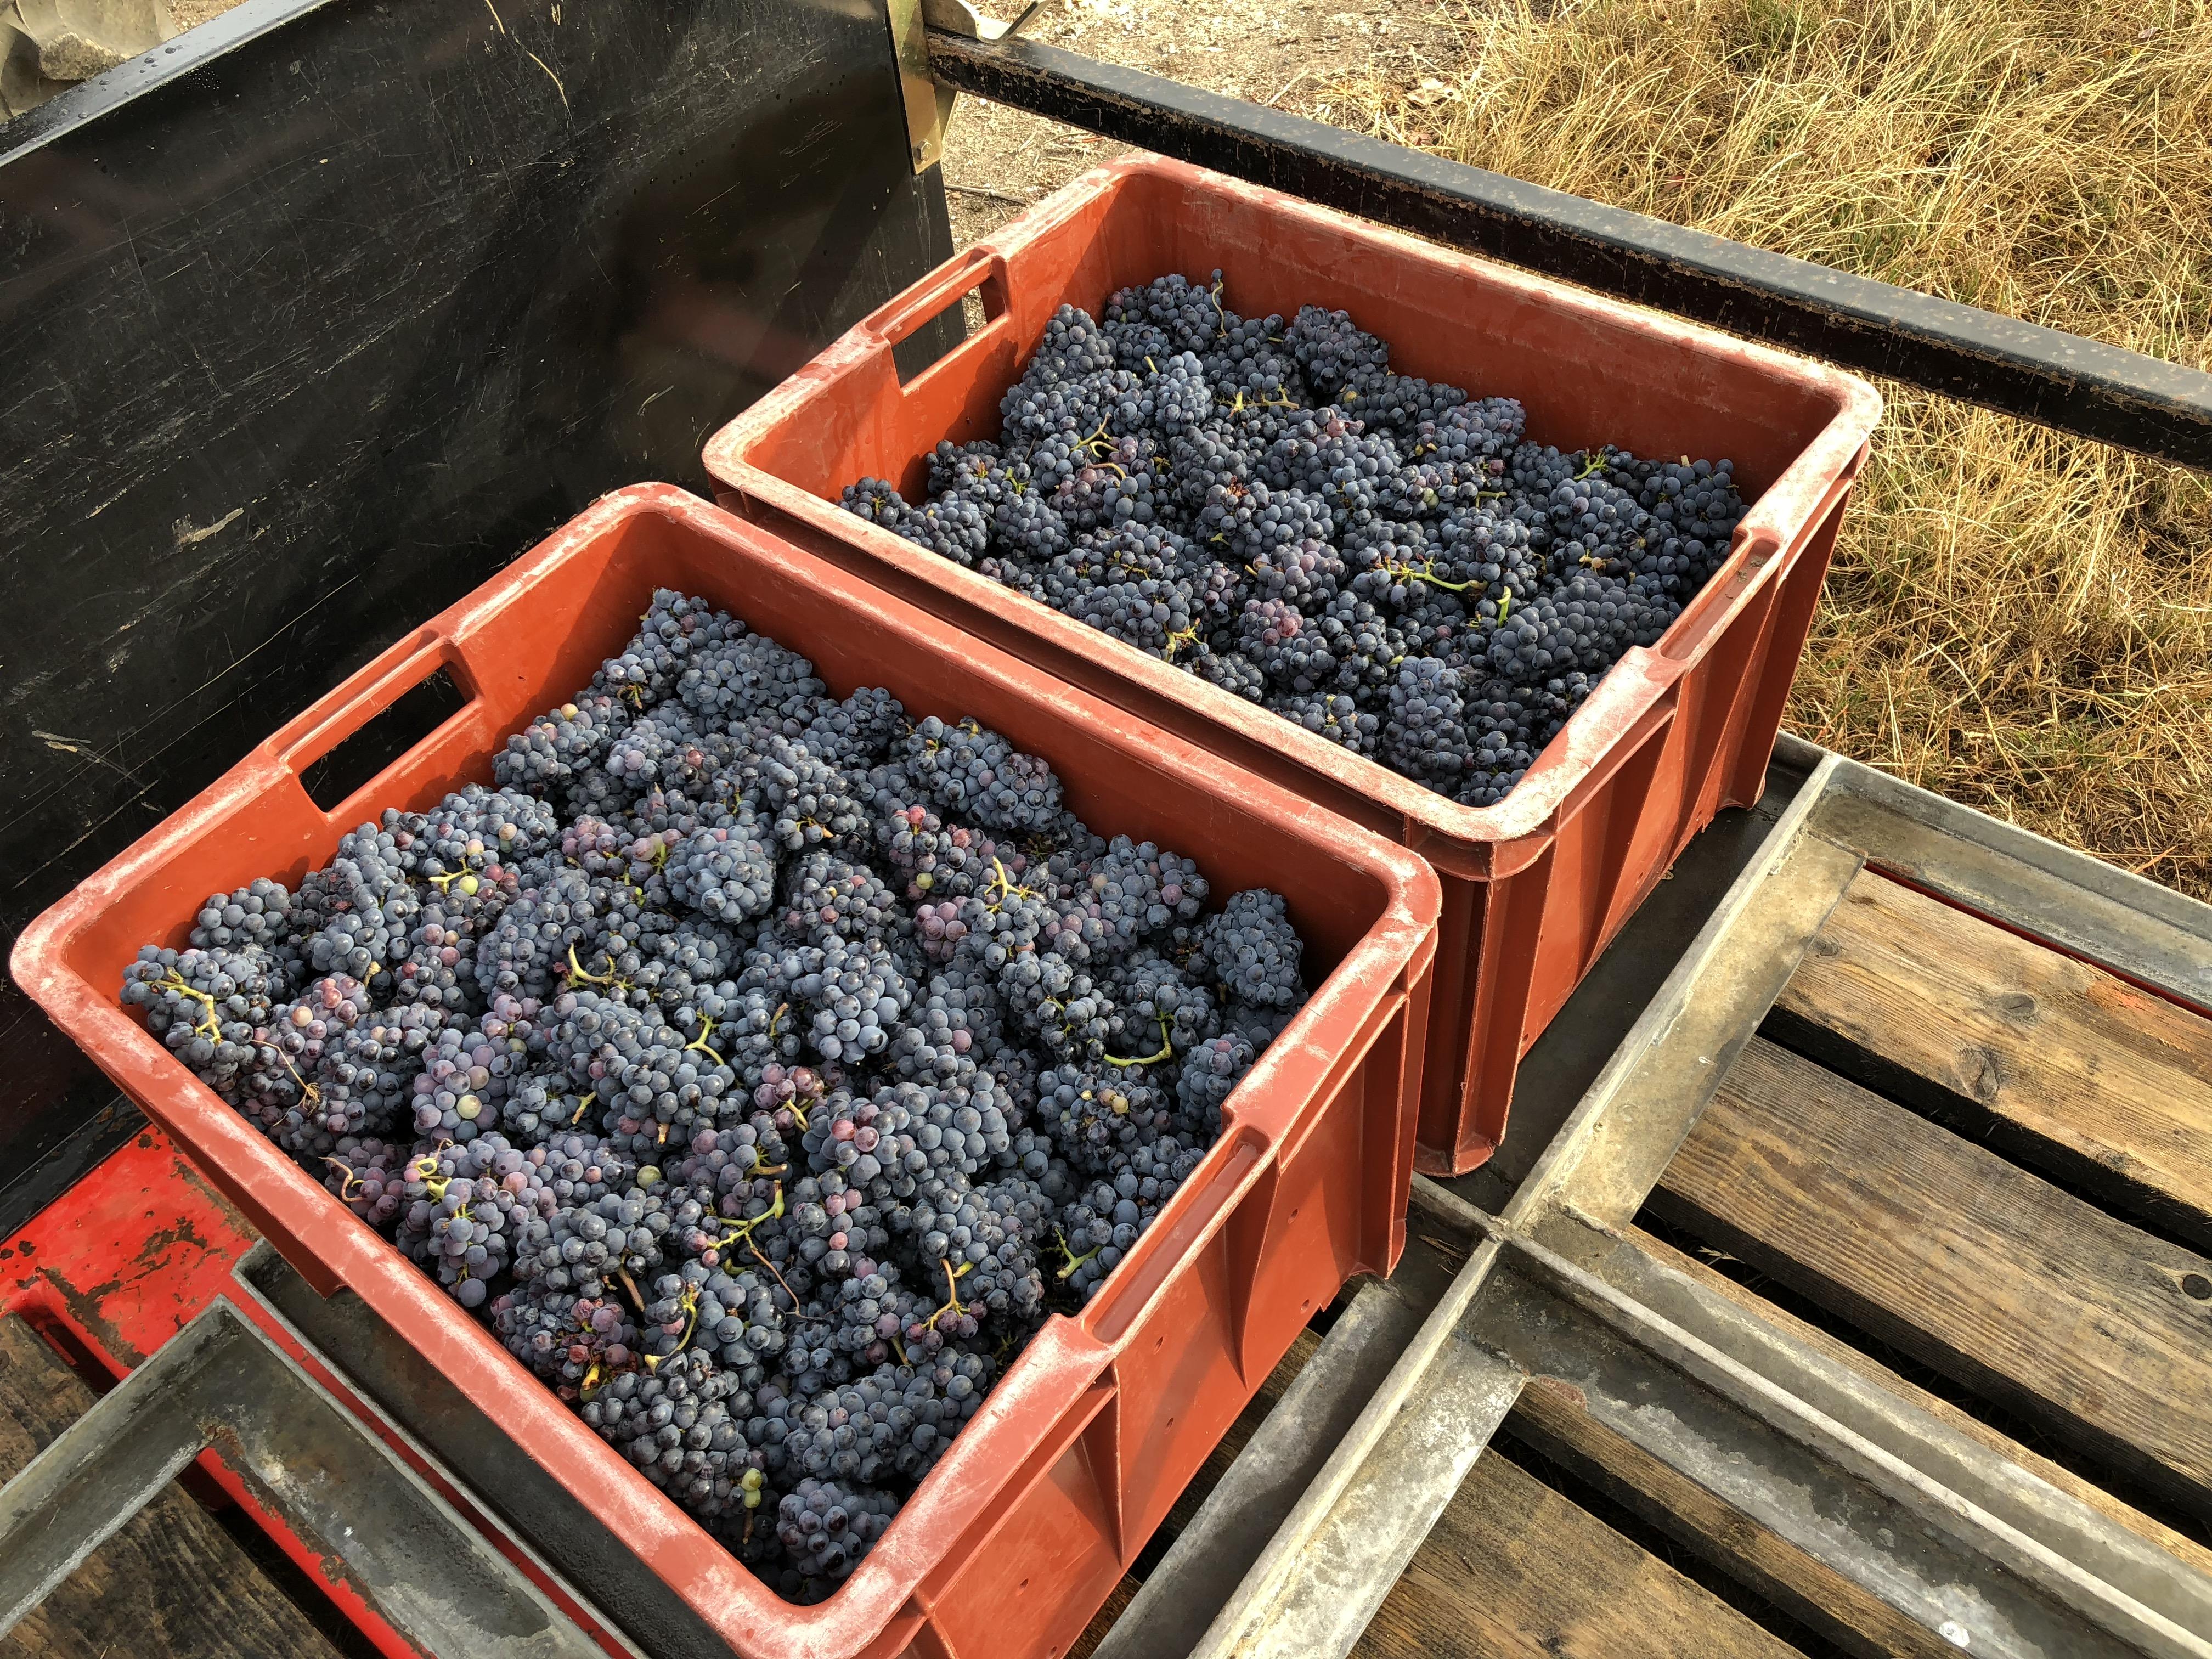 1ères caisses de meunier 1er cru vieille vigne